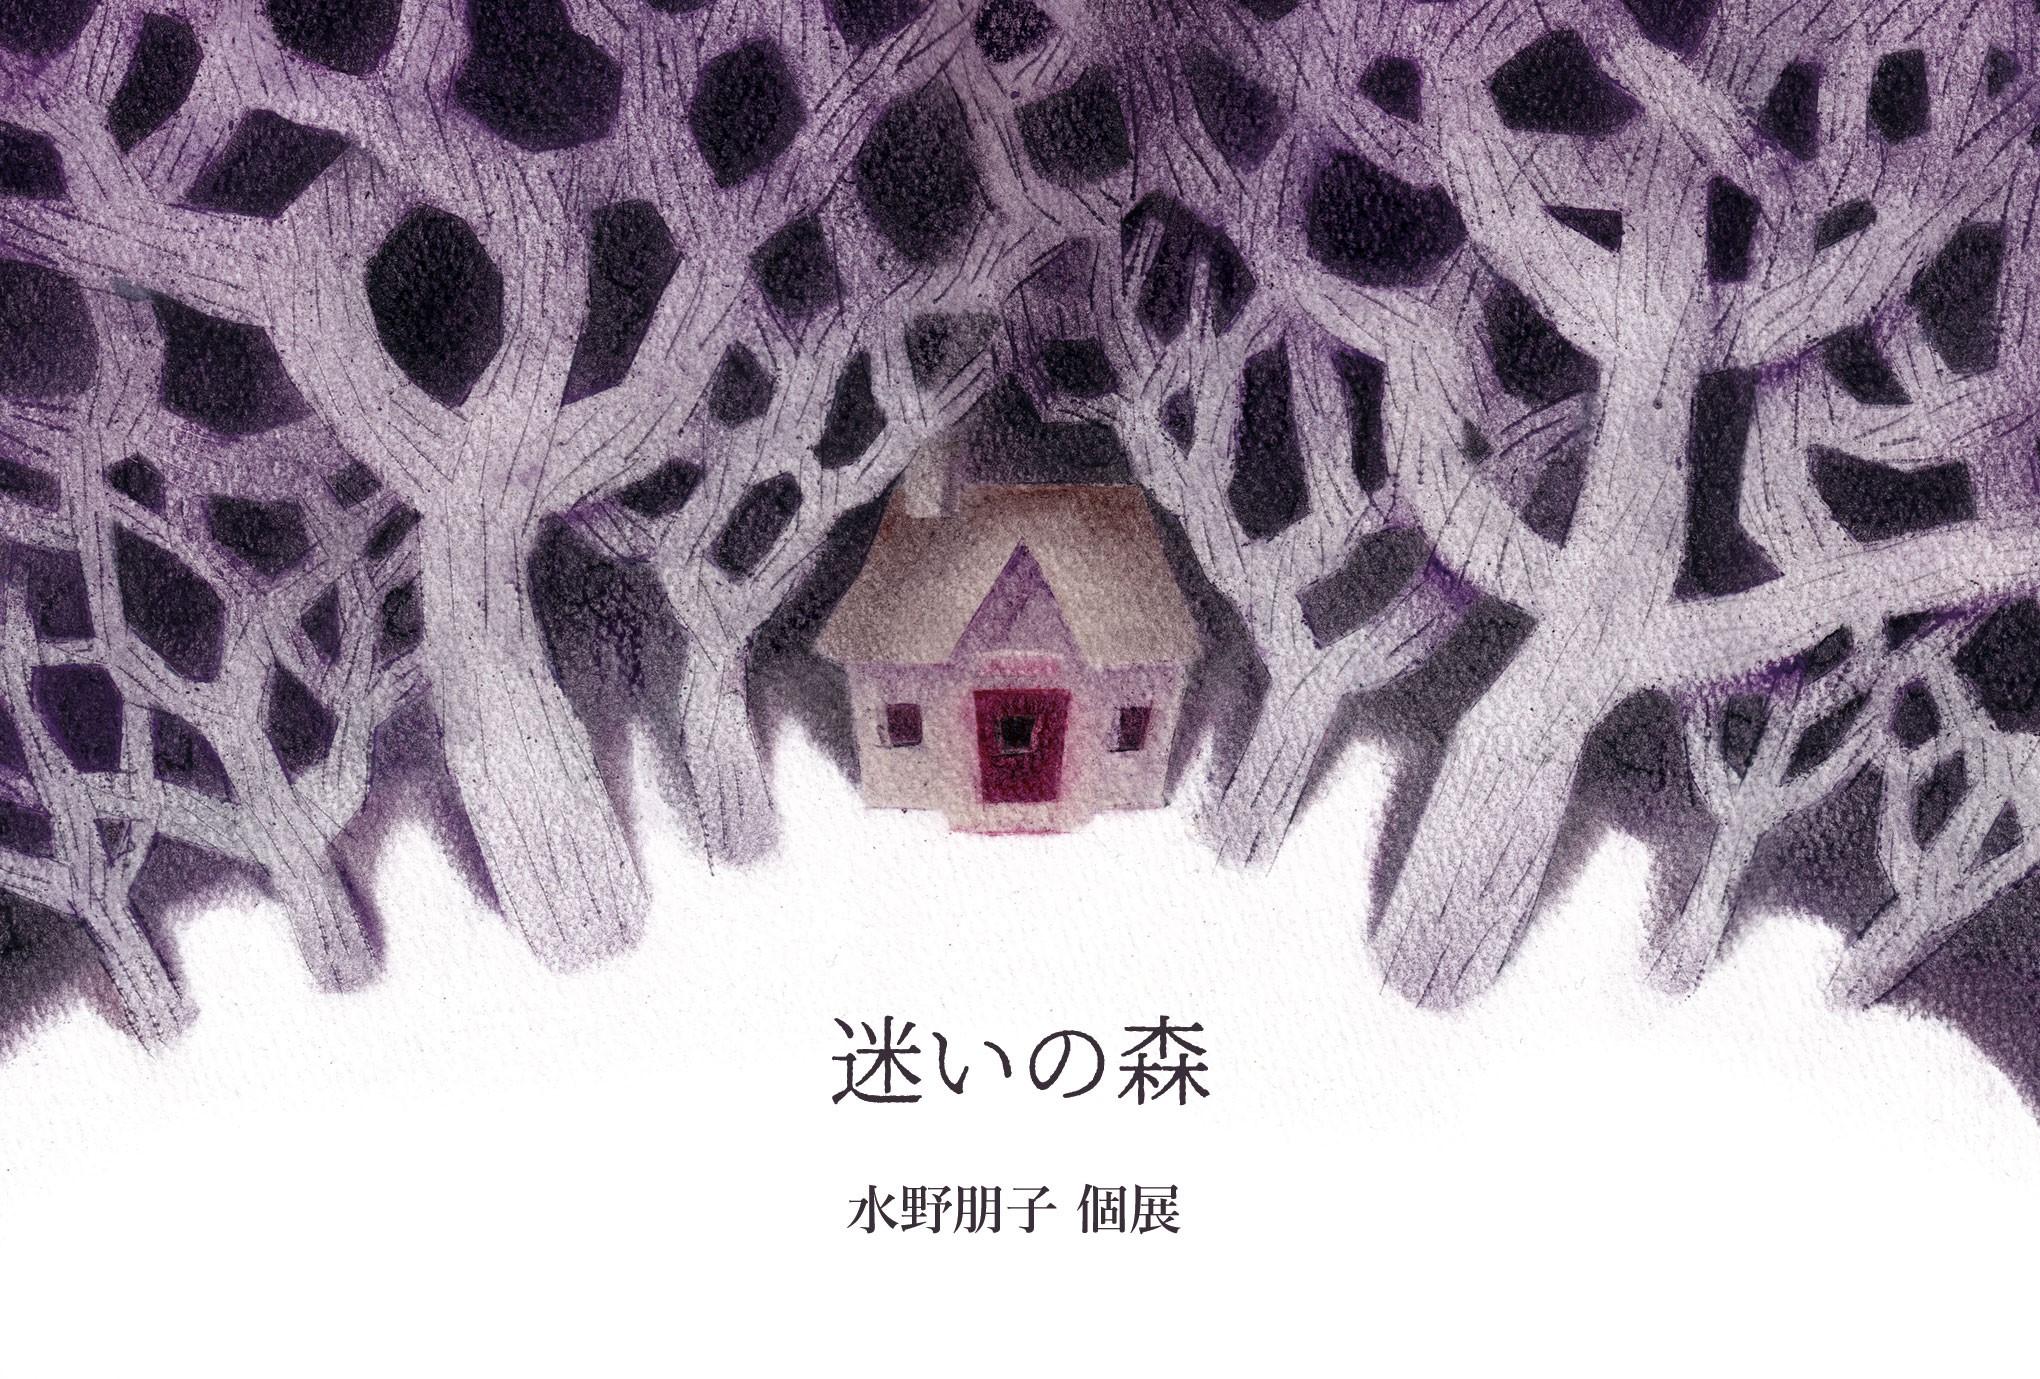 水野朋子個展 「迷いの森」(2020.6.19 – 6.29)